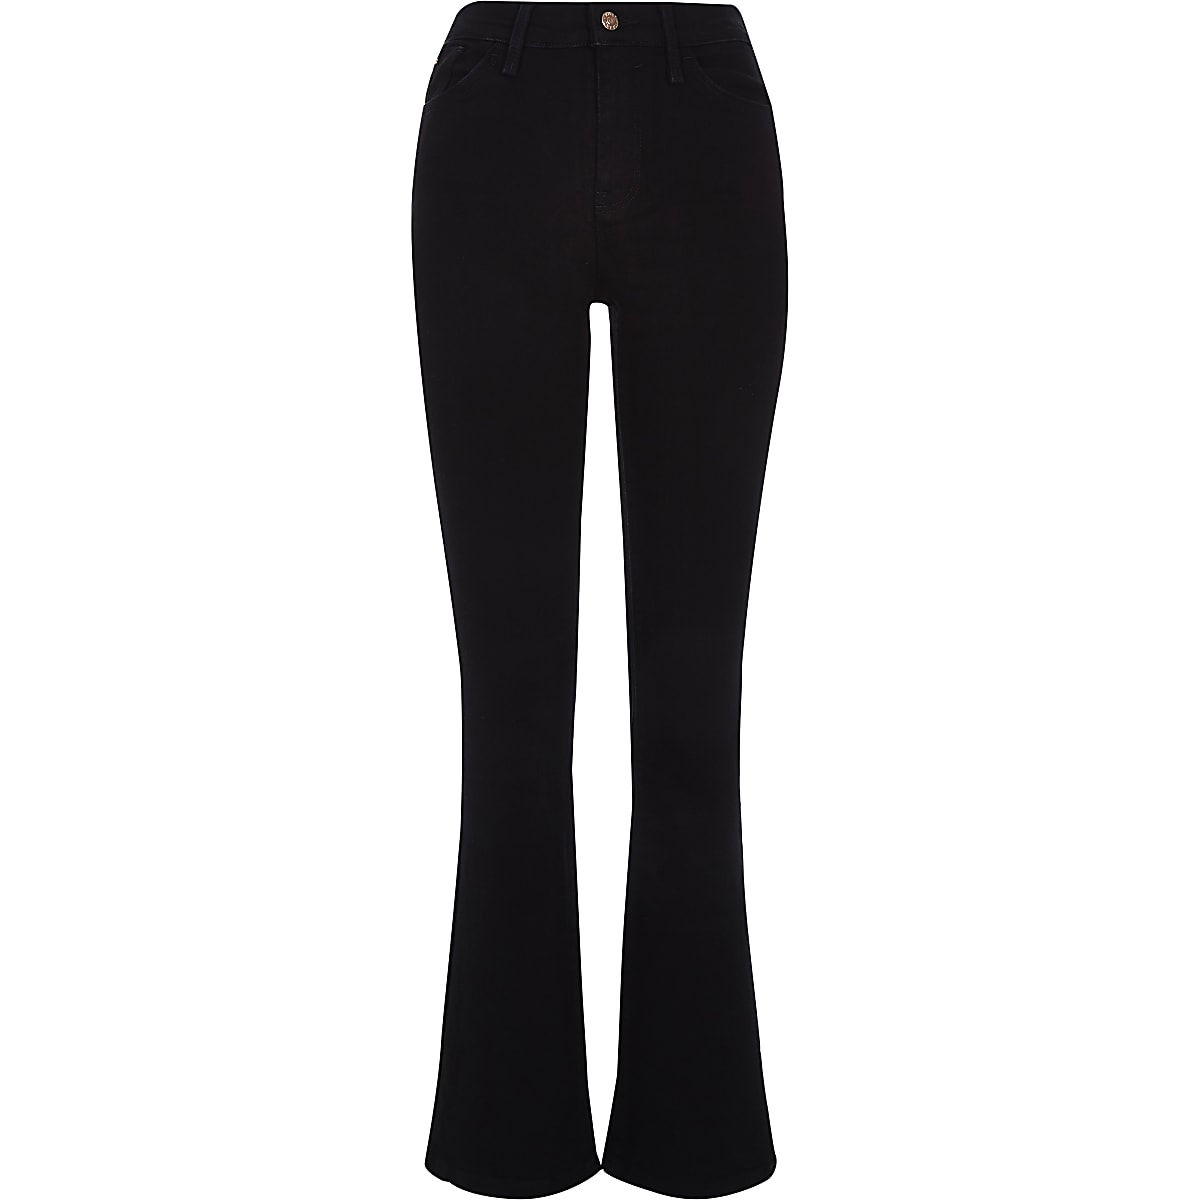 2ea7aa2e90dd4 Jean bootcut évasé noir taille haute - Bootcut & Jeans évasés ...